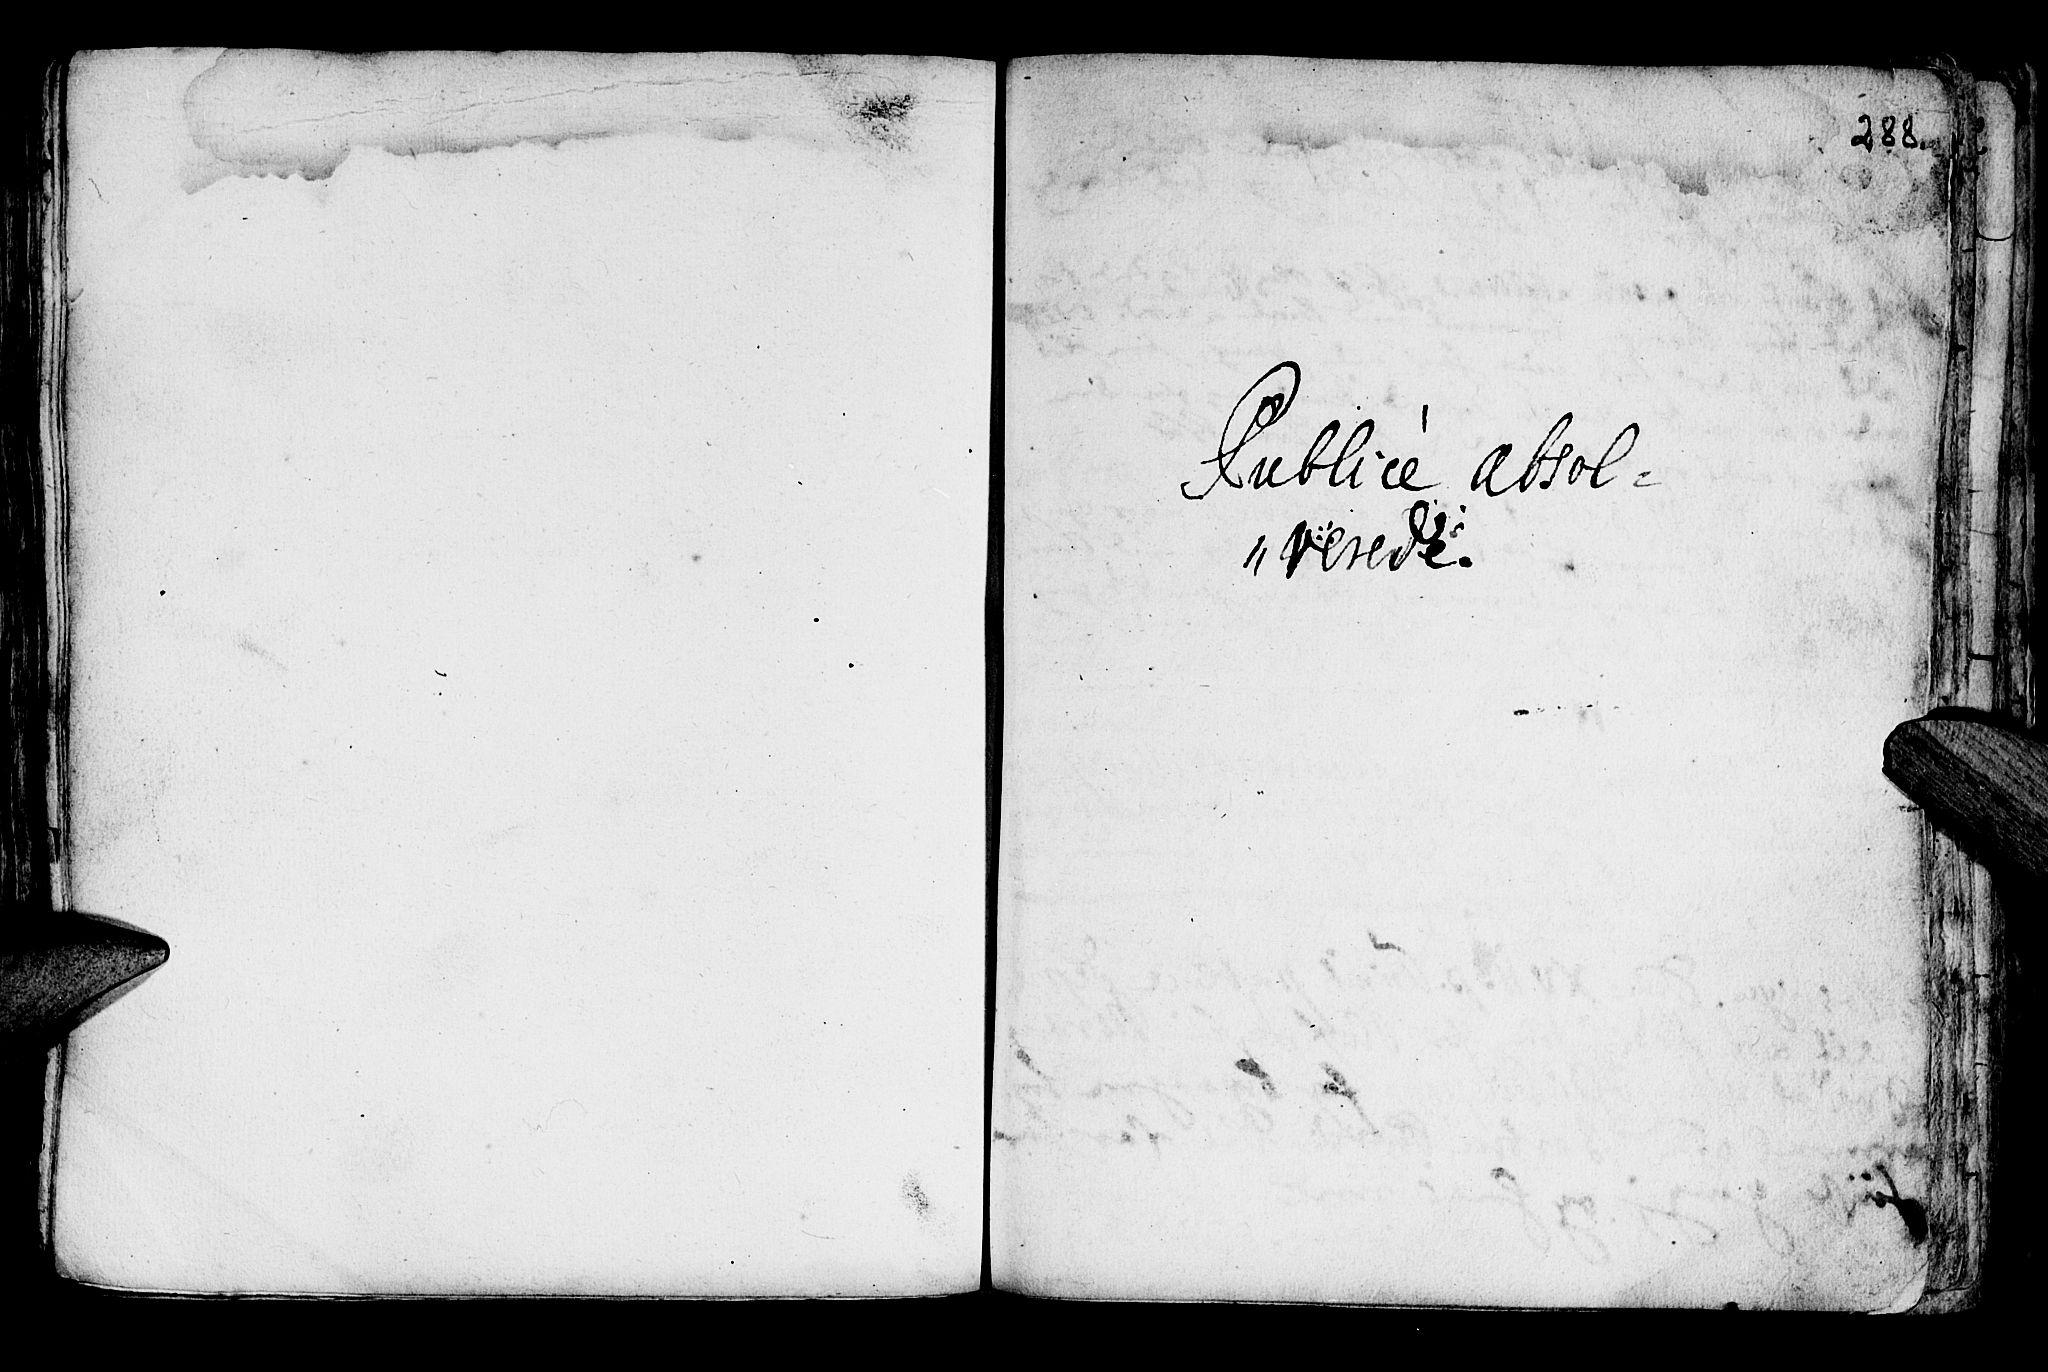 SAT, Ministerialprotokoller, klokkerbøker og fødselsregistre - Nord-Trøndelag, 722/L0215: Ministerialbok nr. 722A02, 1718-1755, s. 288